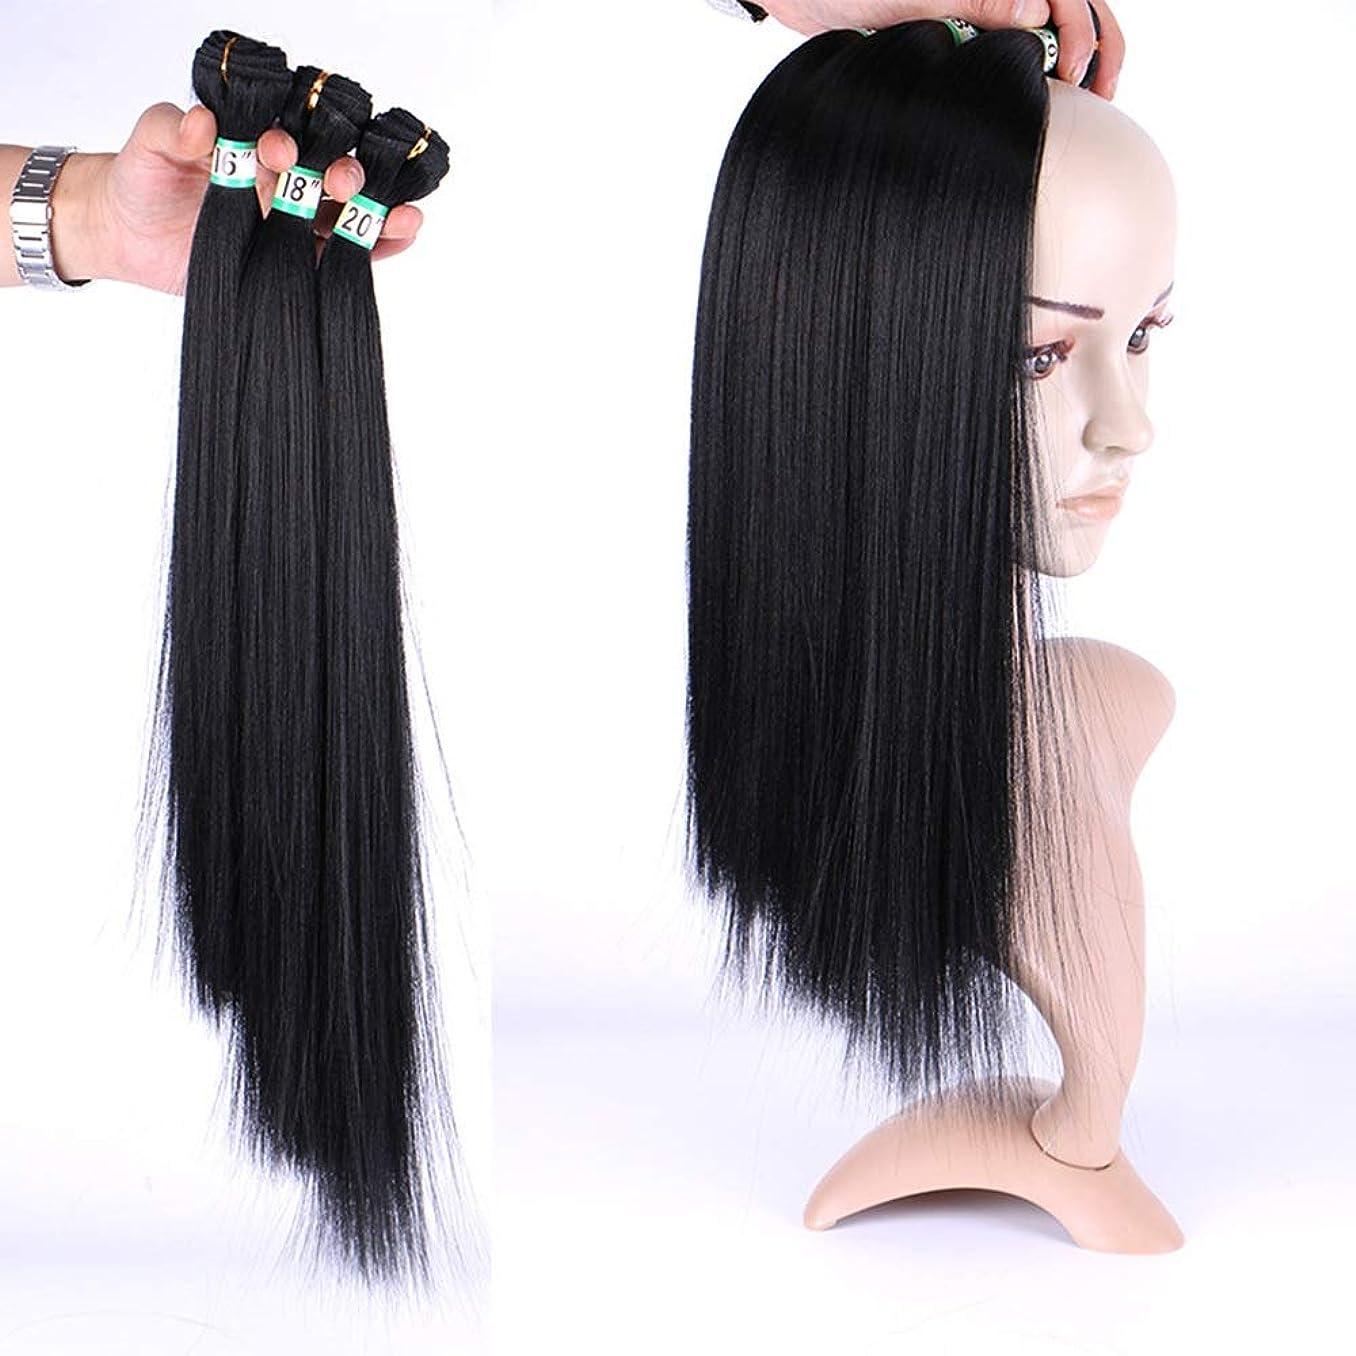 ターミナルライムどうやってHOHYLLYA 女性のシルキーストレートヘア3バンドル髪織りエクステンション - ナチュラルブラック(1バンドル/ 70g)合成髪レースかつらロールプレイングウィッグロングとショート女性自然 (色 : 黒, サイズ : 18